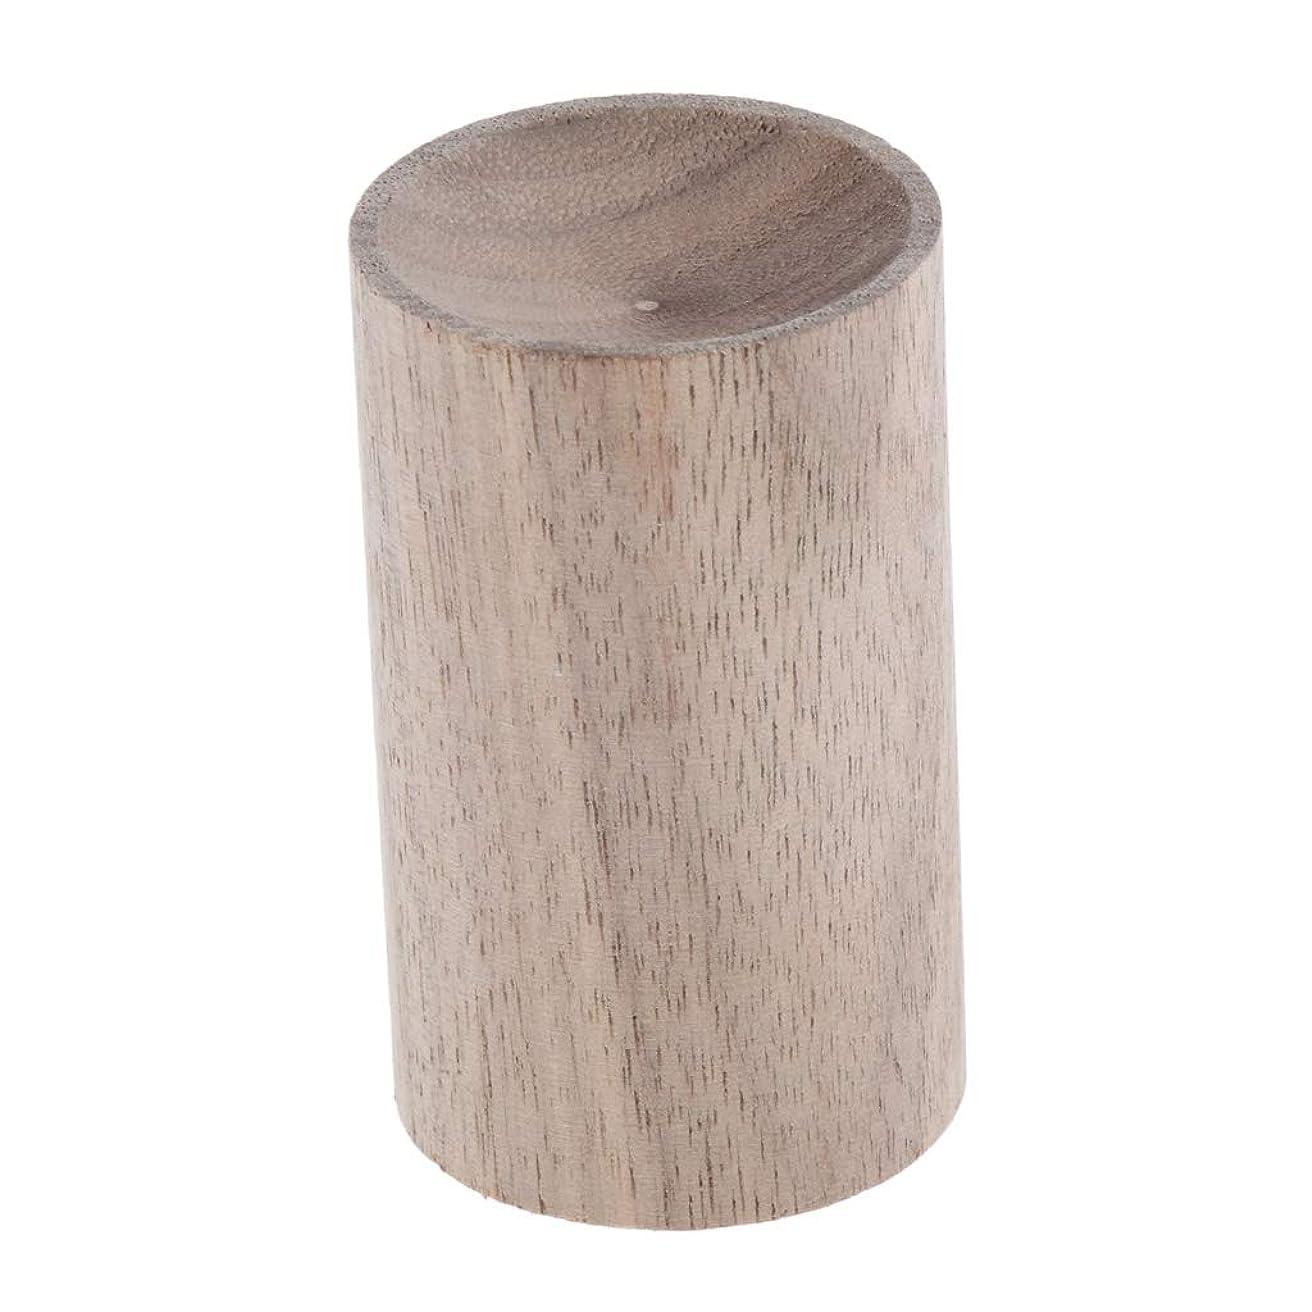 さわやか適用済み支給chiwanji ハ ンドメイド エアフレッシュナー 天然木 エッセンシャルオイル アロマディフューザー 全2種類 - 02